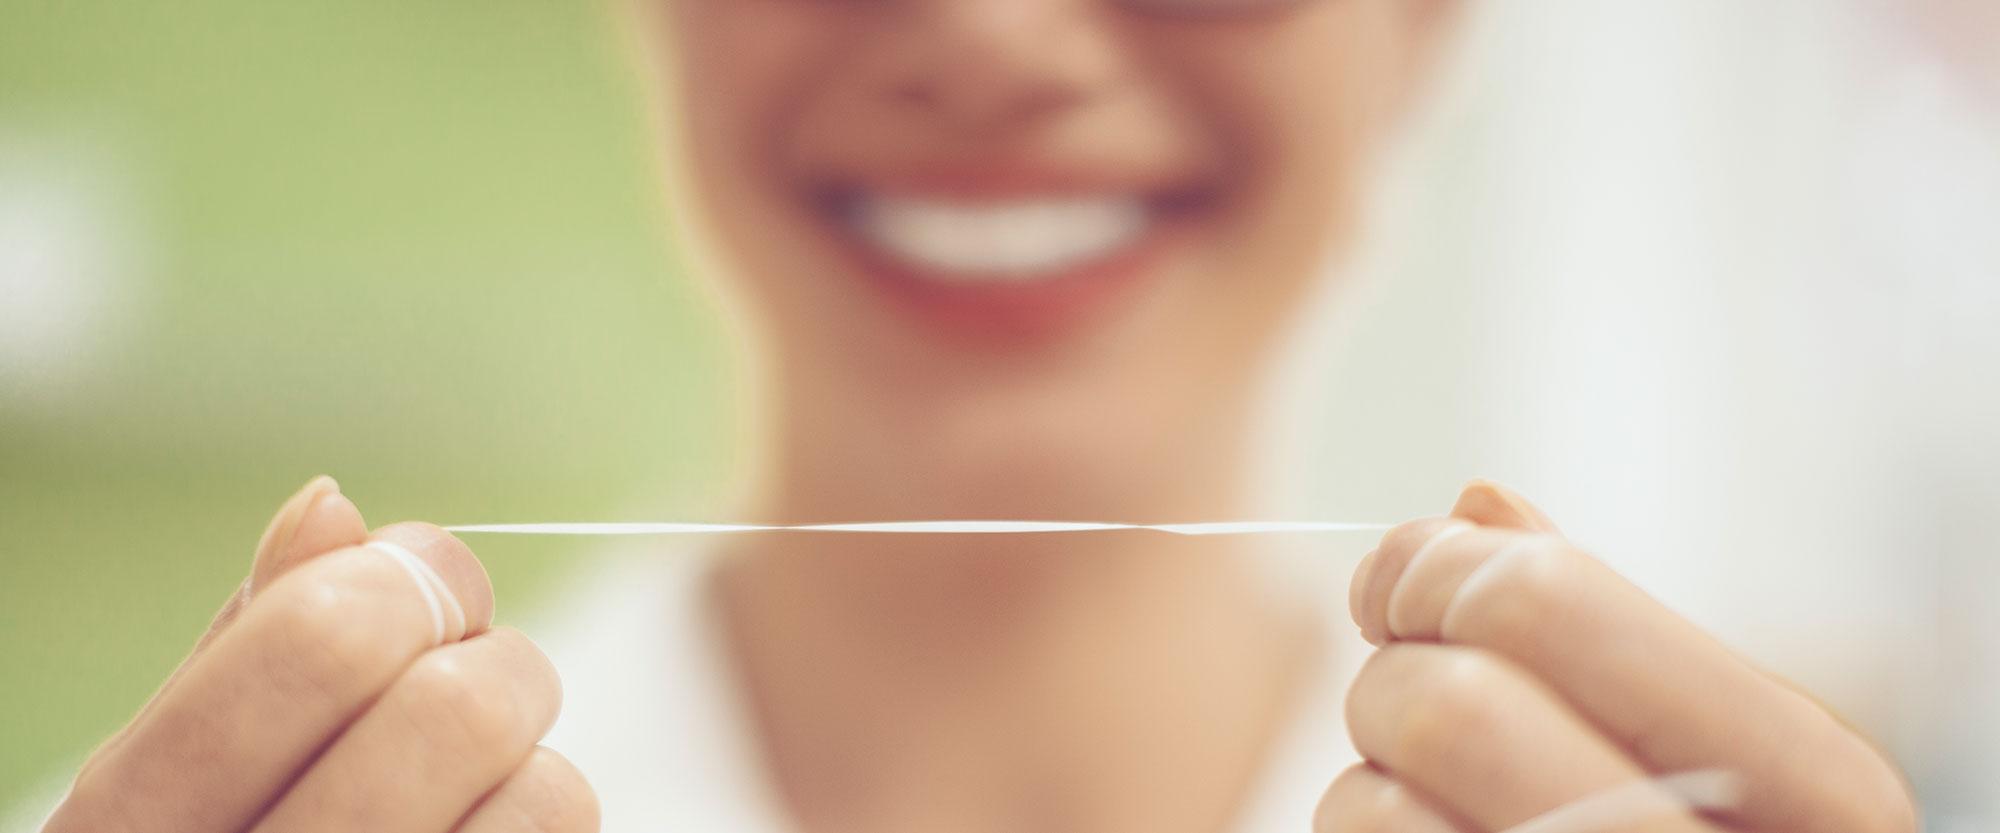 Junge Frau hält Zahnseide in der Hand und lächelt